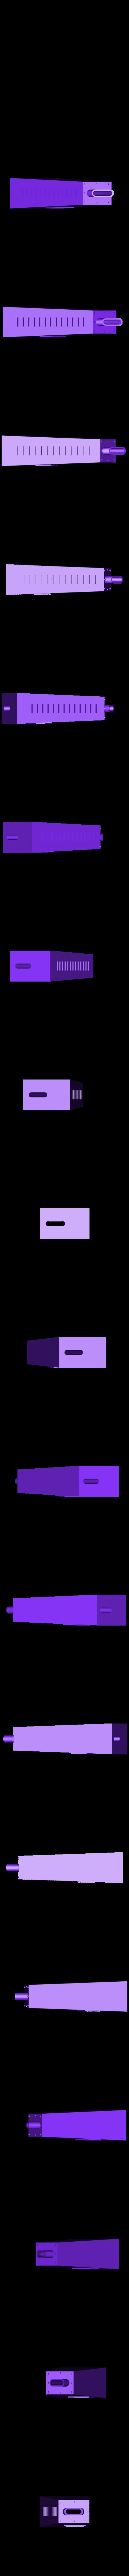 komin.stl Download STL file MONAKO RC MODEL BOAT TUG • 3D printable template, maca-artwork